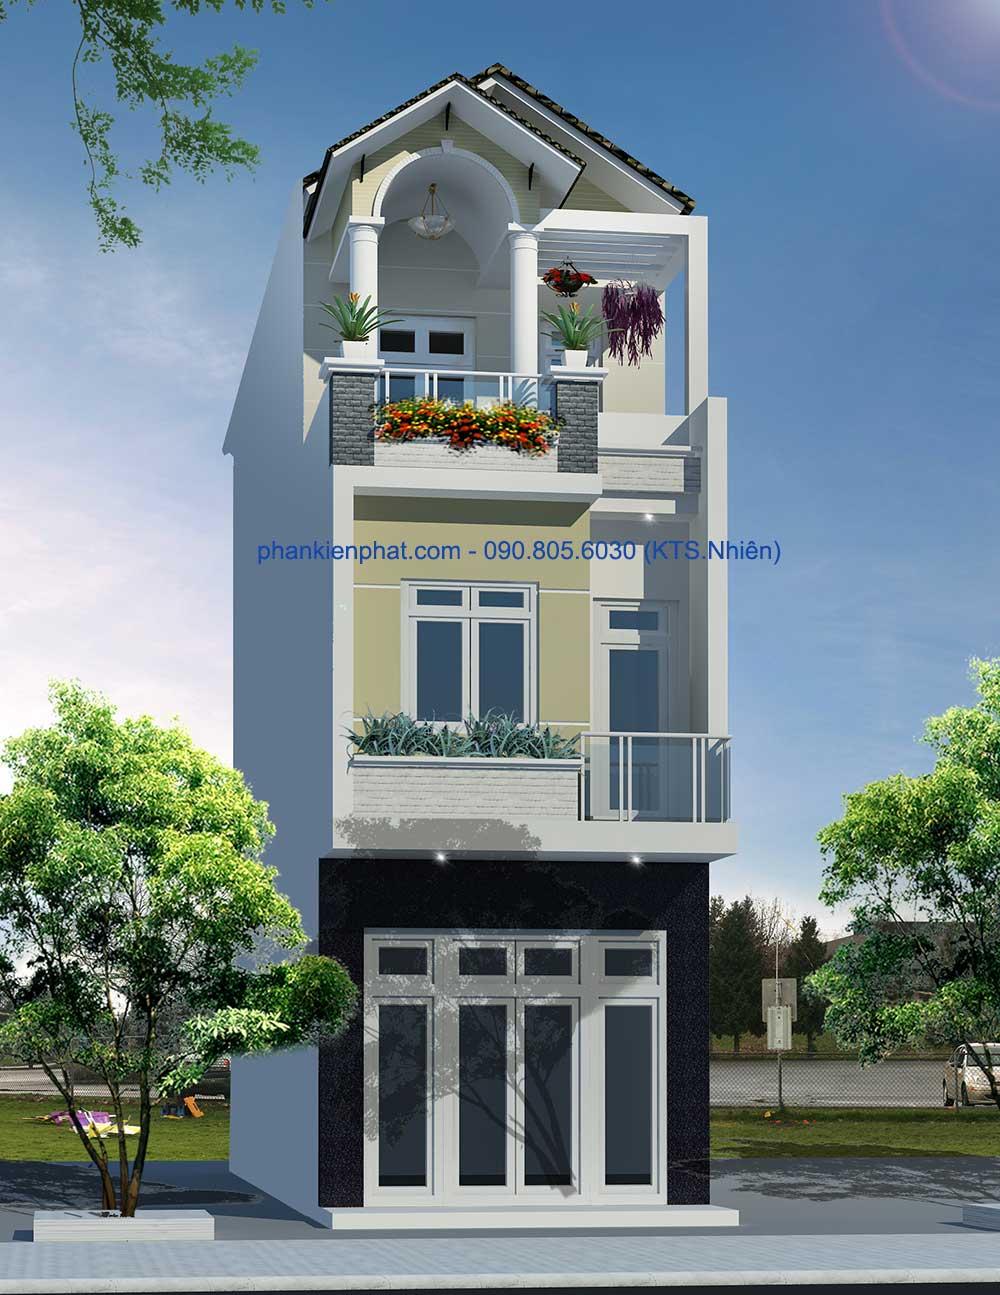 Công trình, Thiết kế nhà 3 tầng, Chị Mỹ Lệ